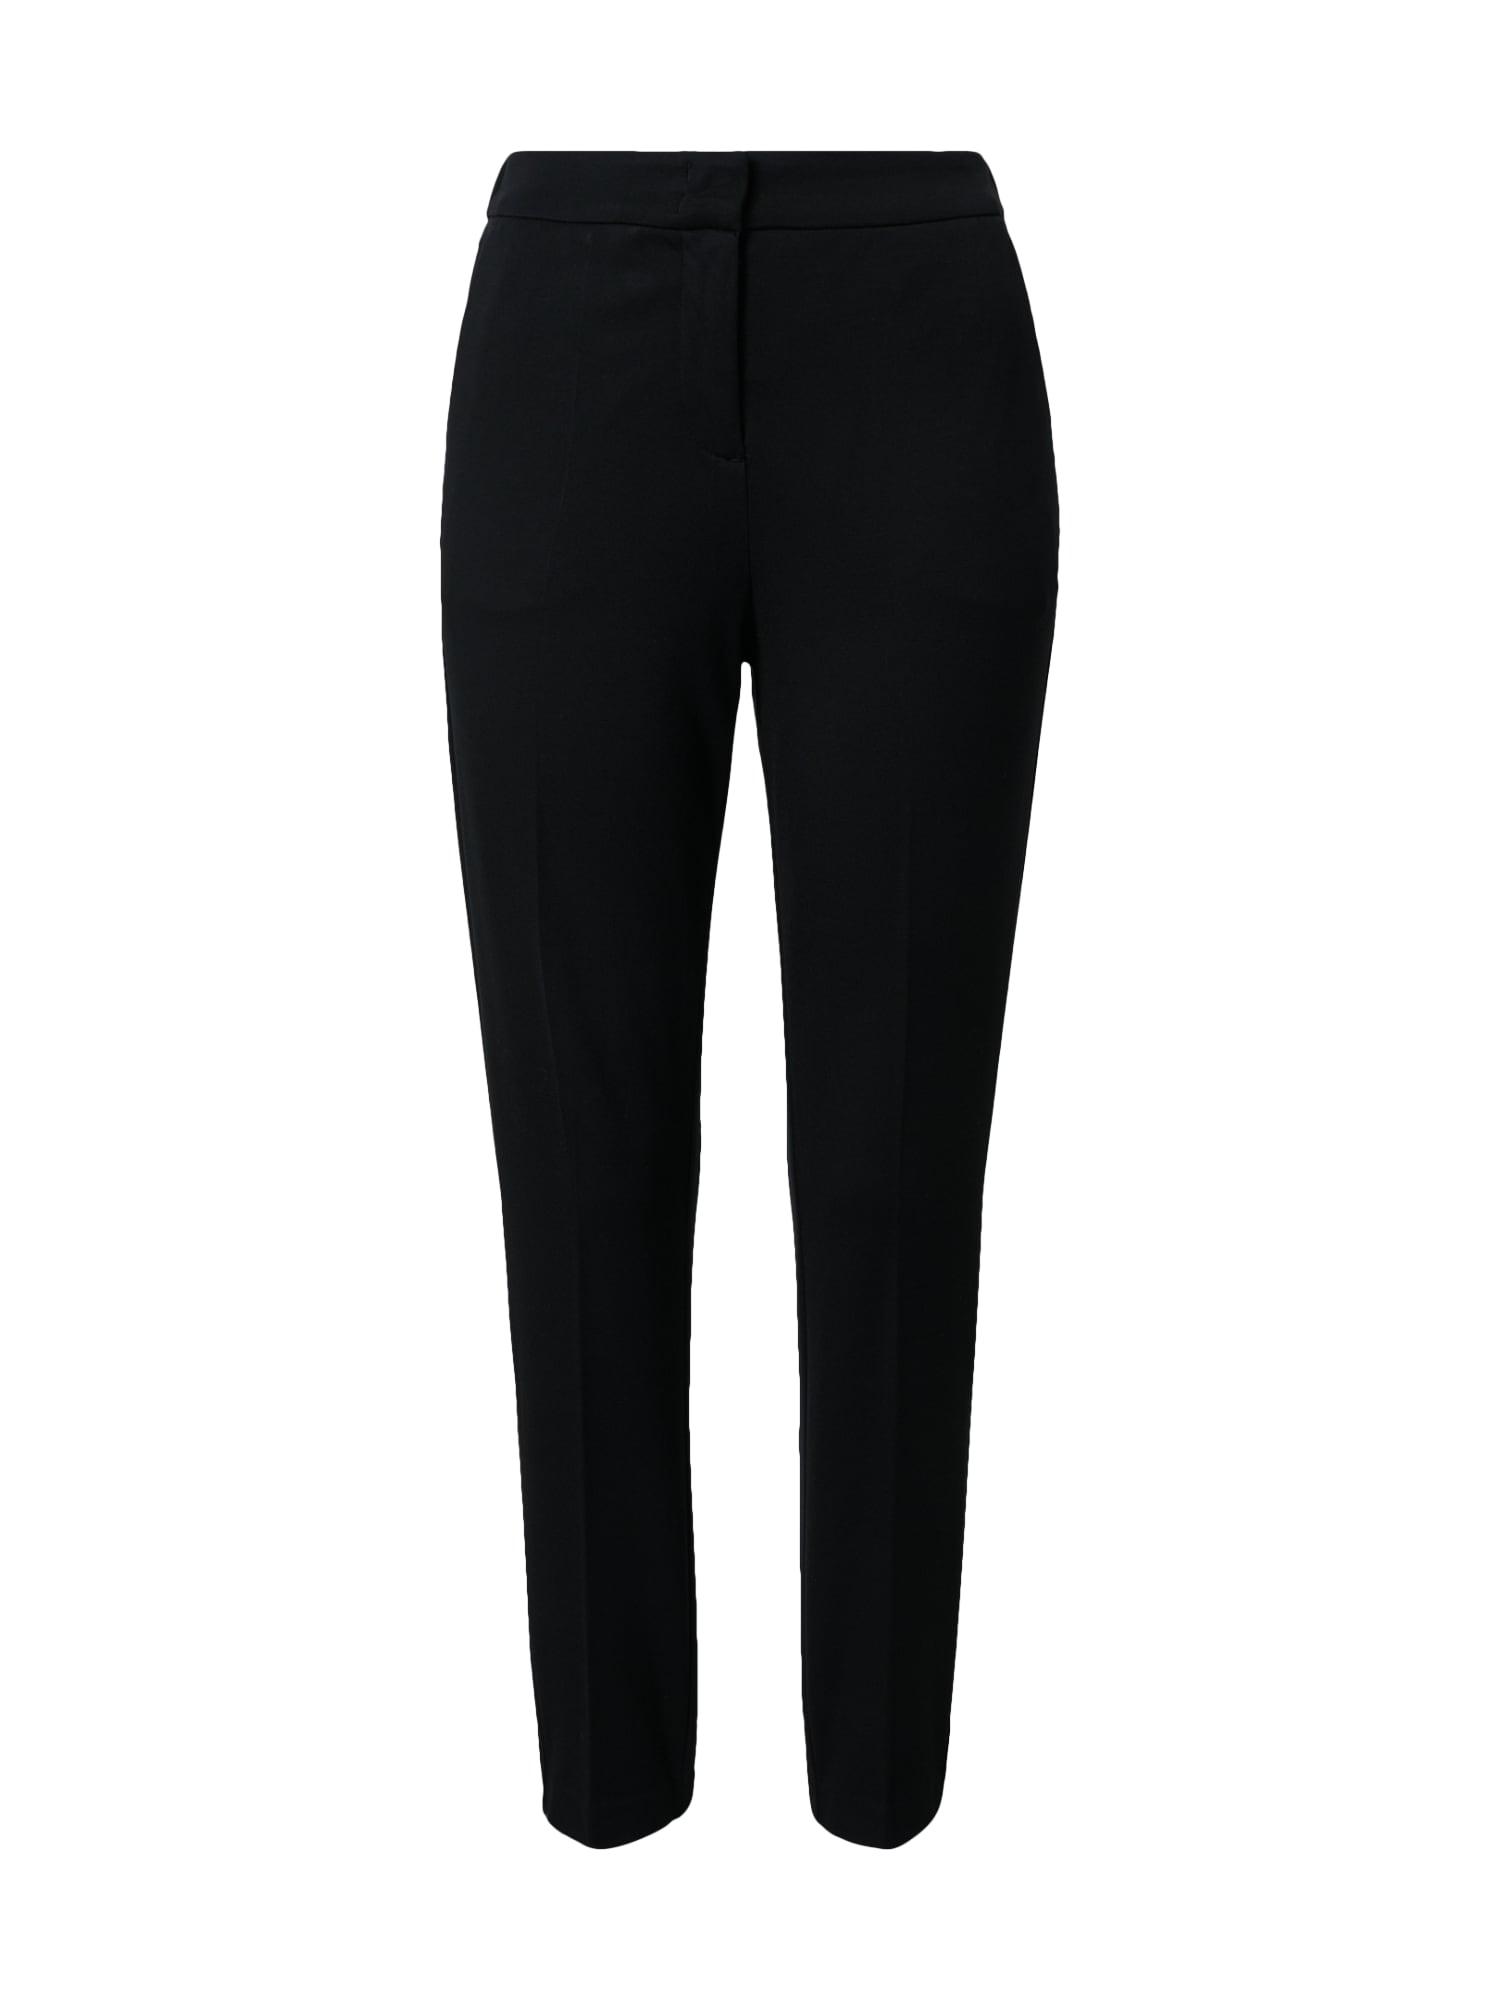 MINE TO FIVE Pantalon à plis  - Noir - Taille: S - female